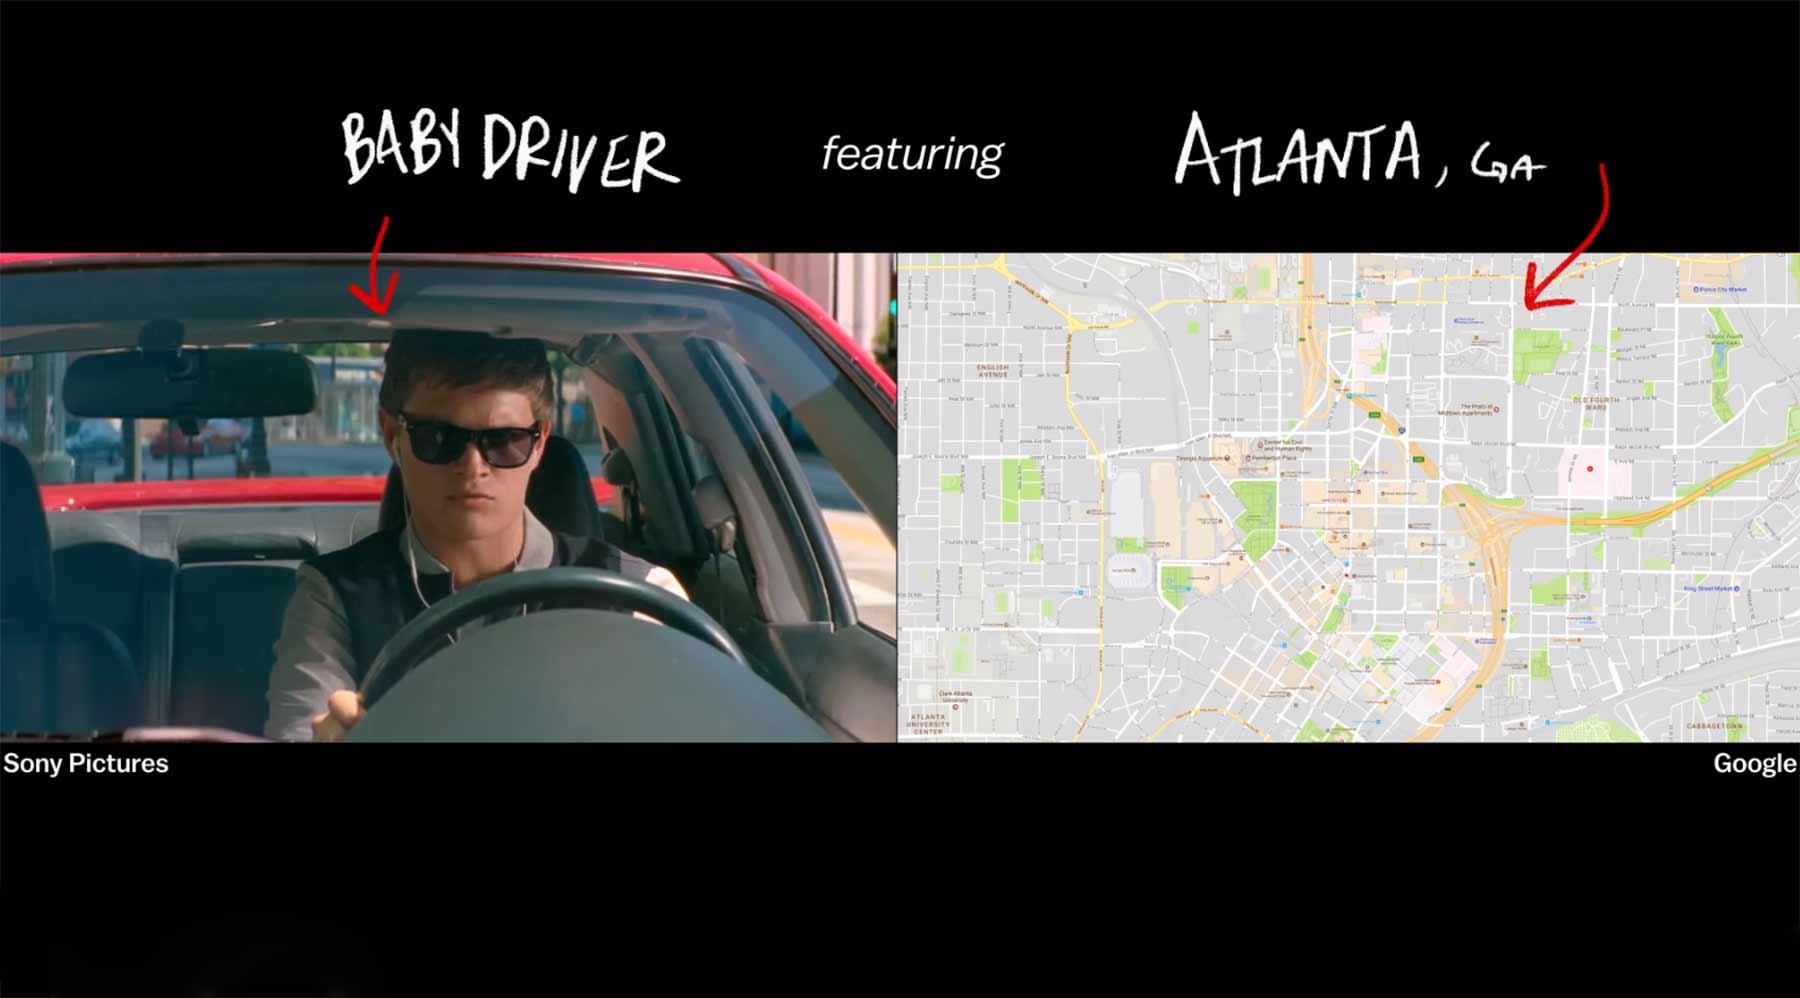 """Eröffnungsfahrt aus """"Baby Driver"""" kartografiert"""